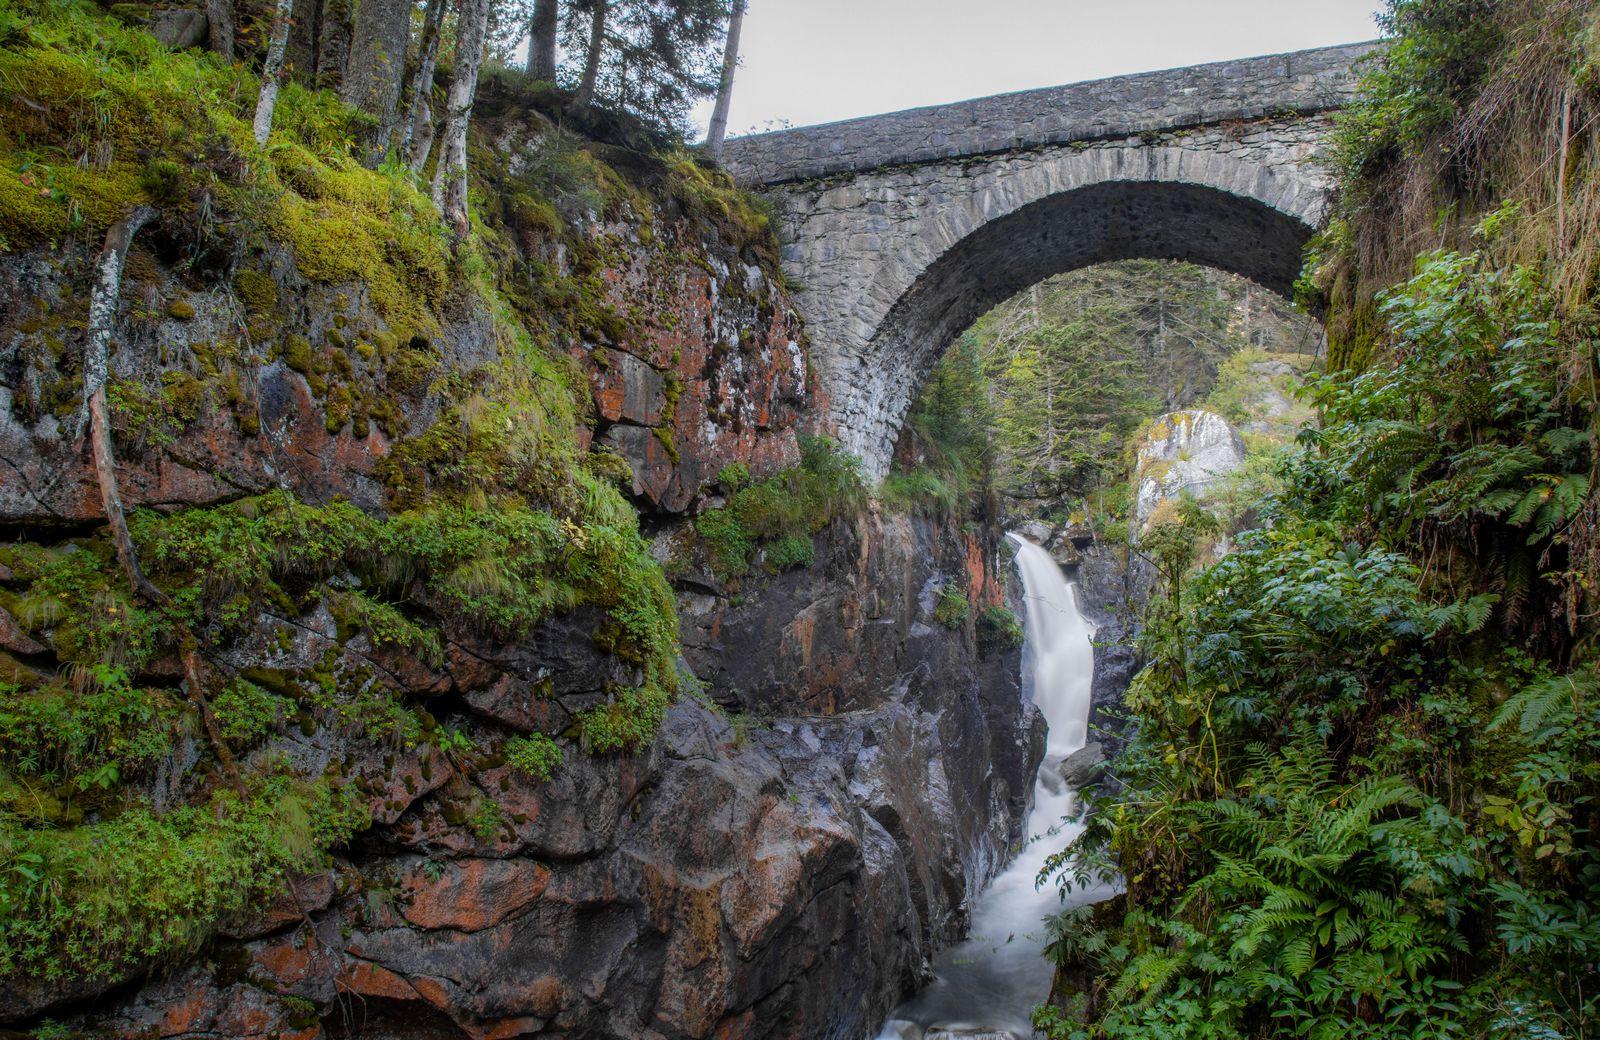 El puente, el río, la vegetación... todo suma